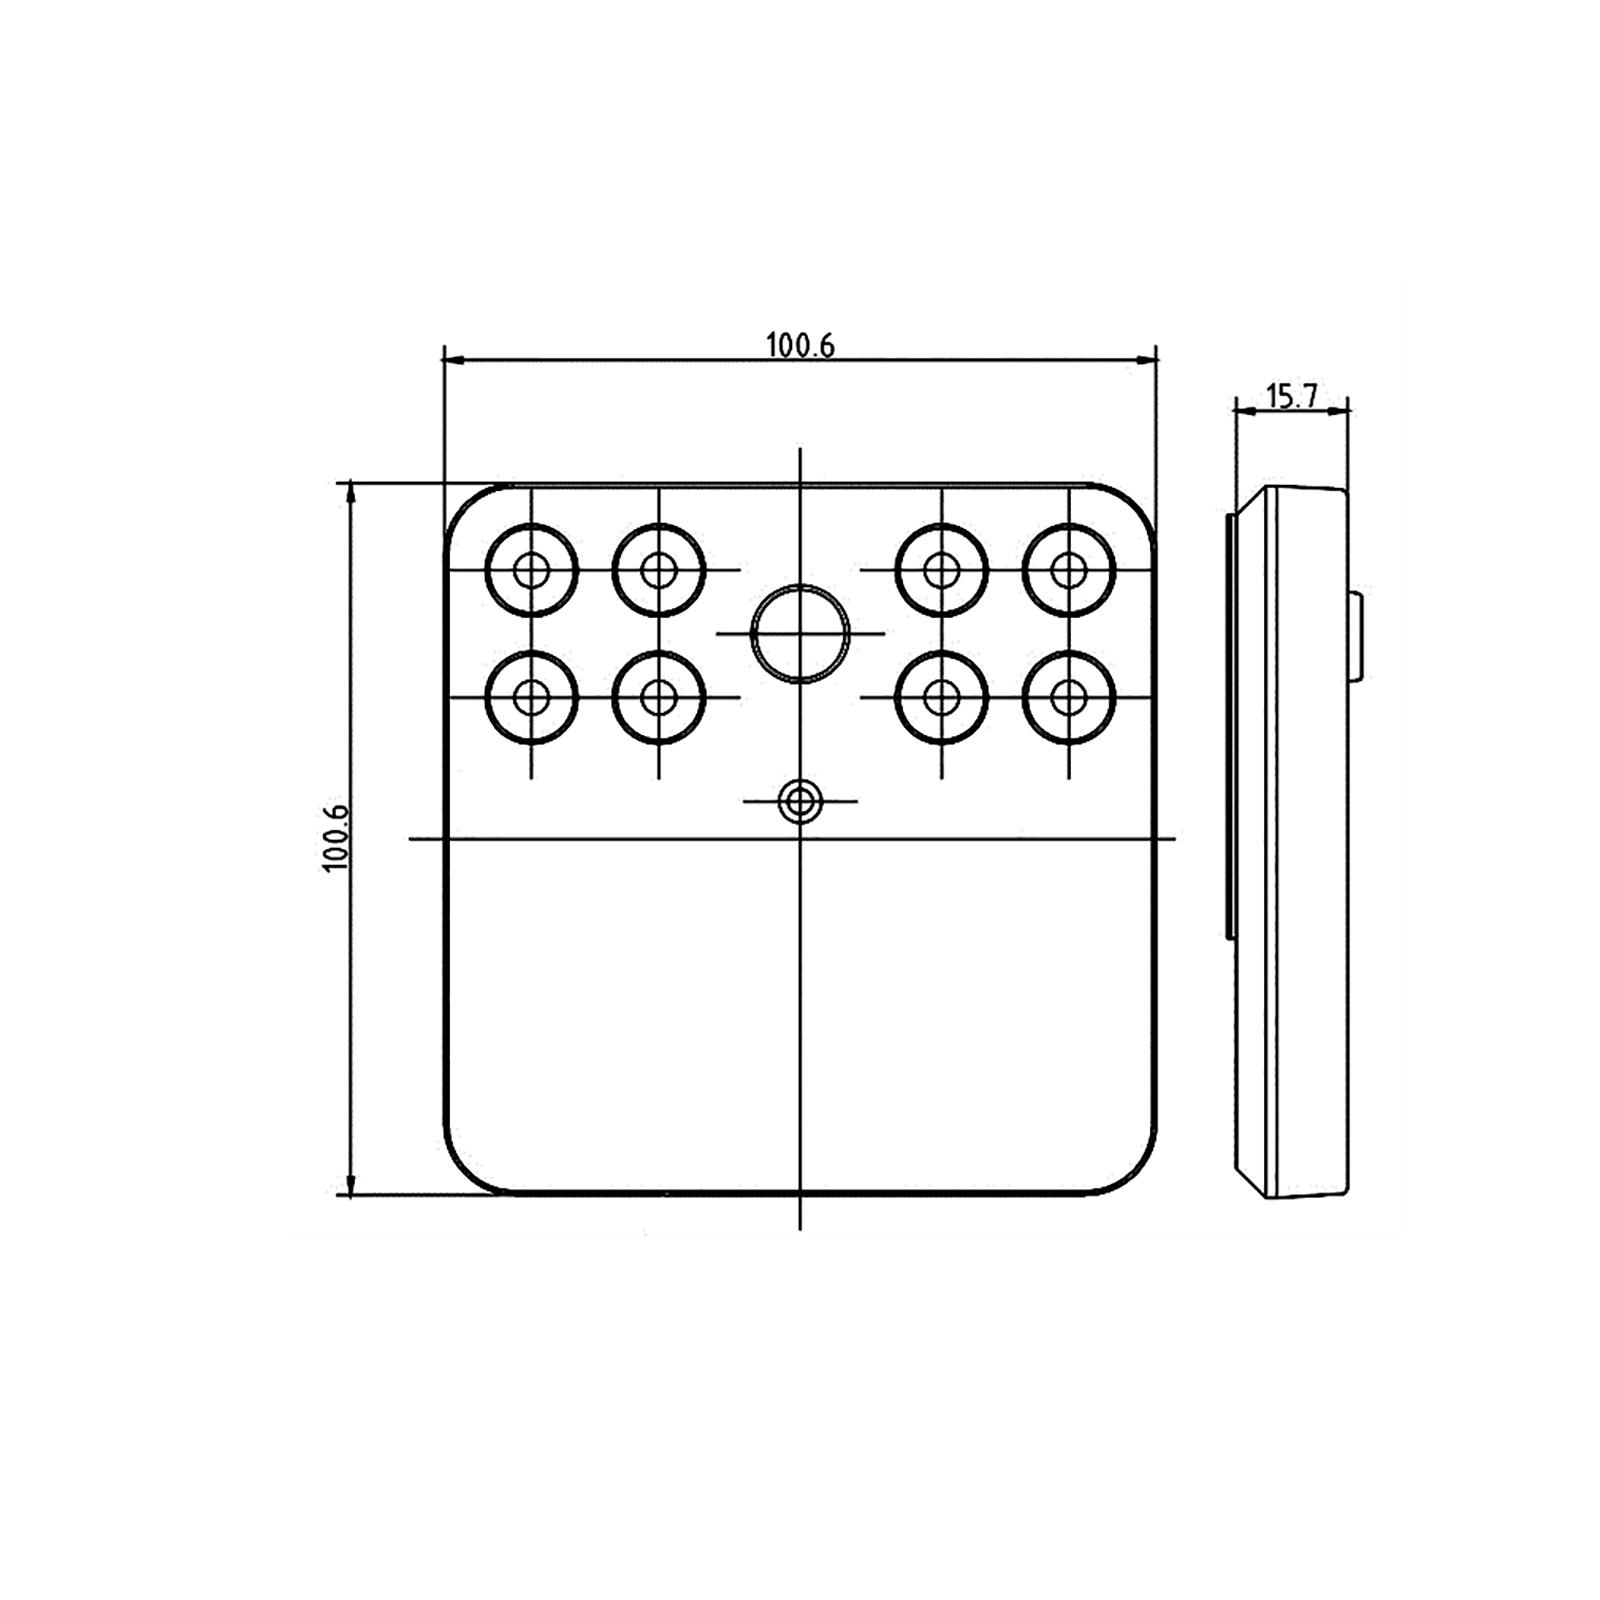 califfo - Led batteria - planetitaly - lampada, luce, led, sensore ...